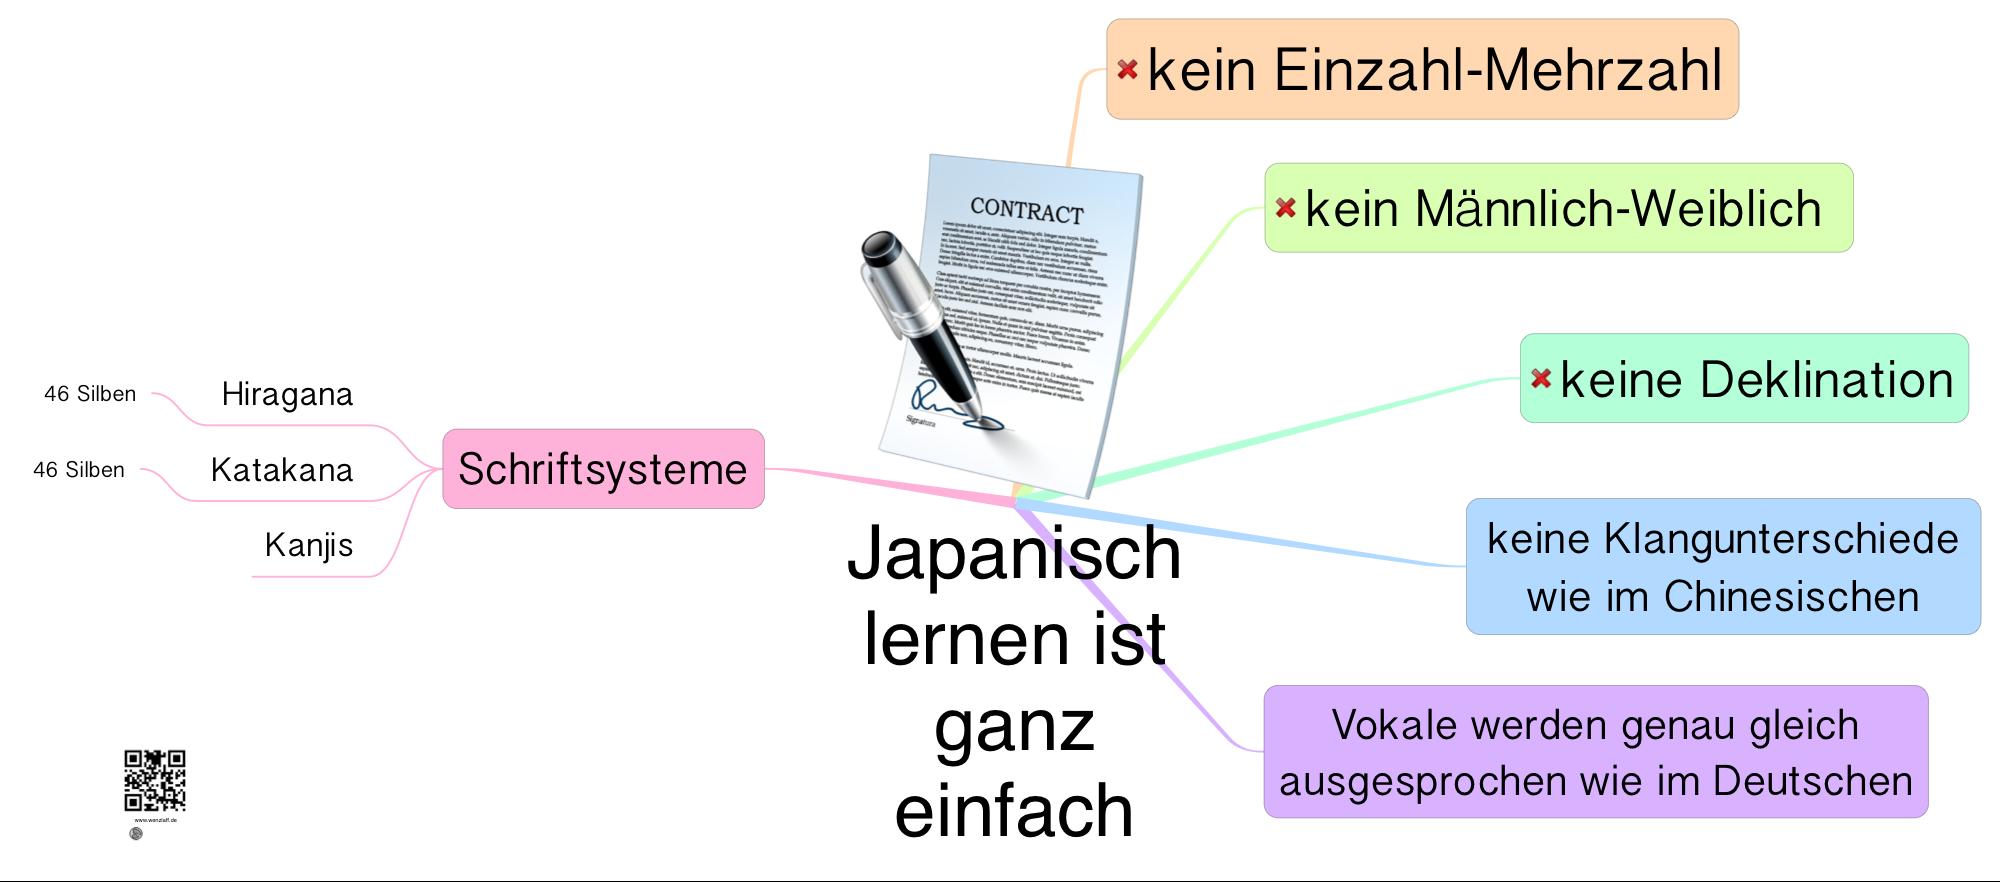 Japanisch-lernen-ist-ganz-einfach